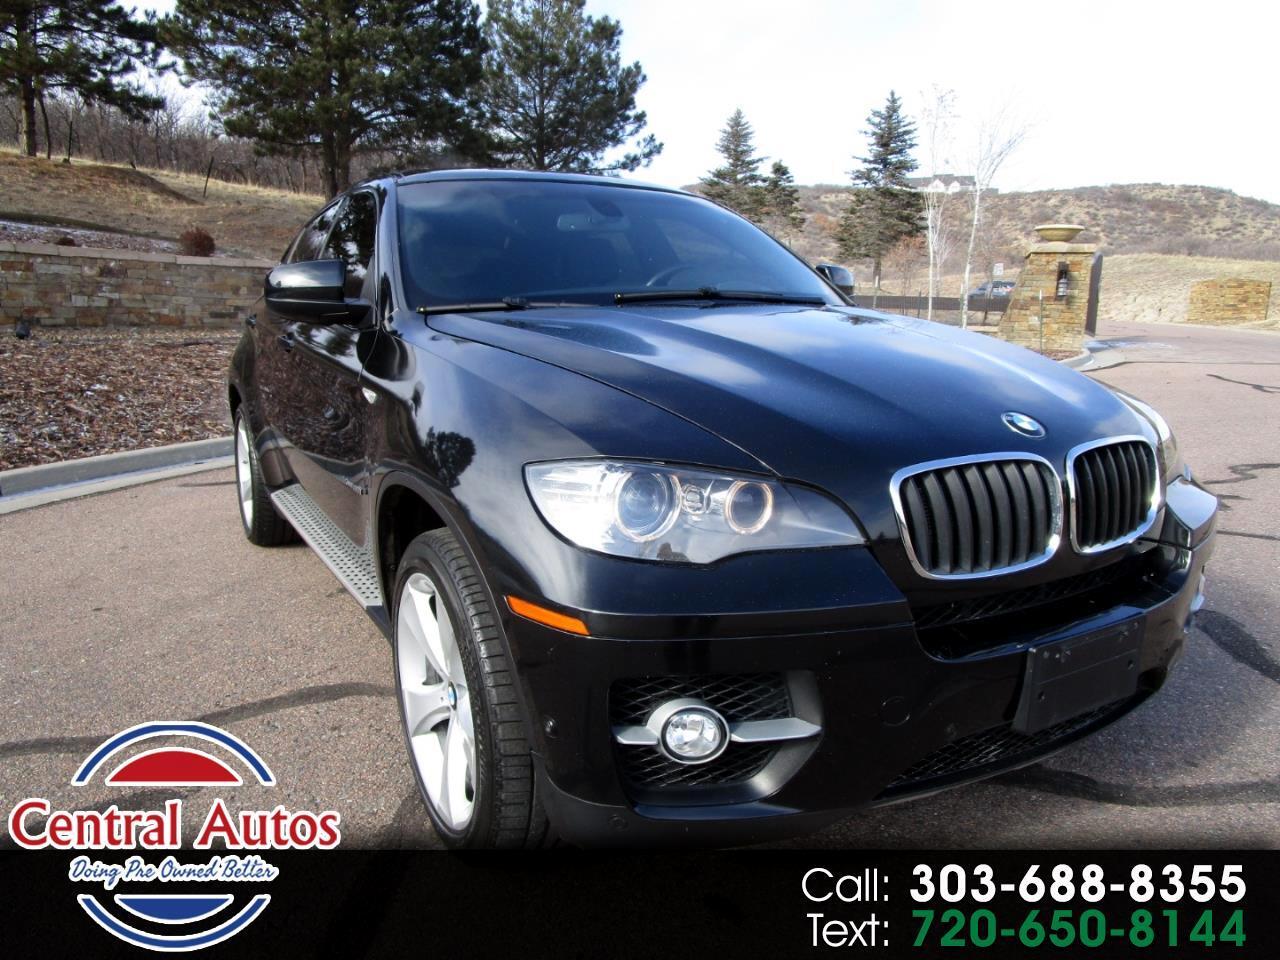 2011 BMW X6 AWD 4dr 50i